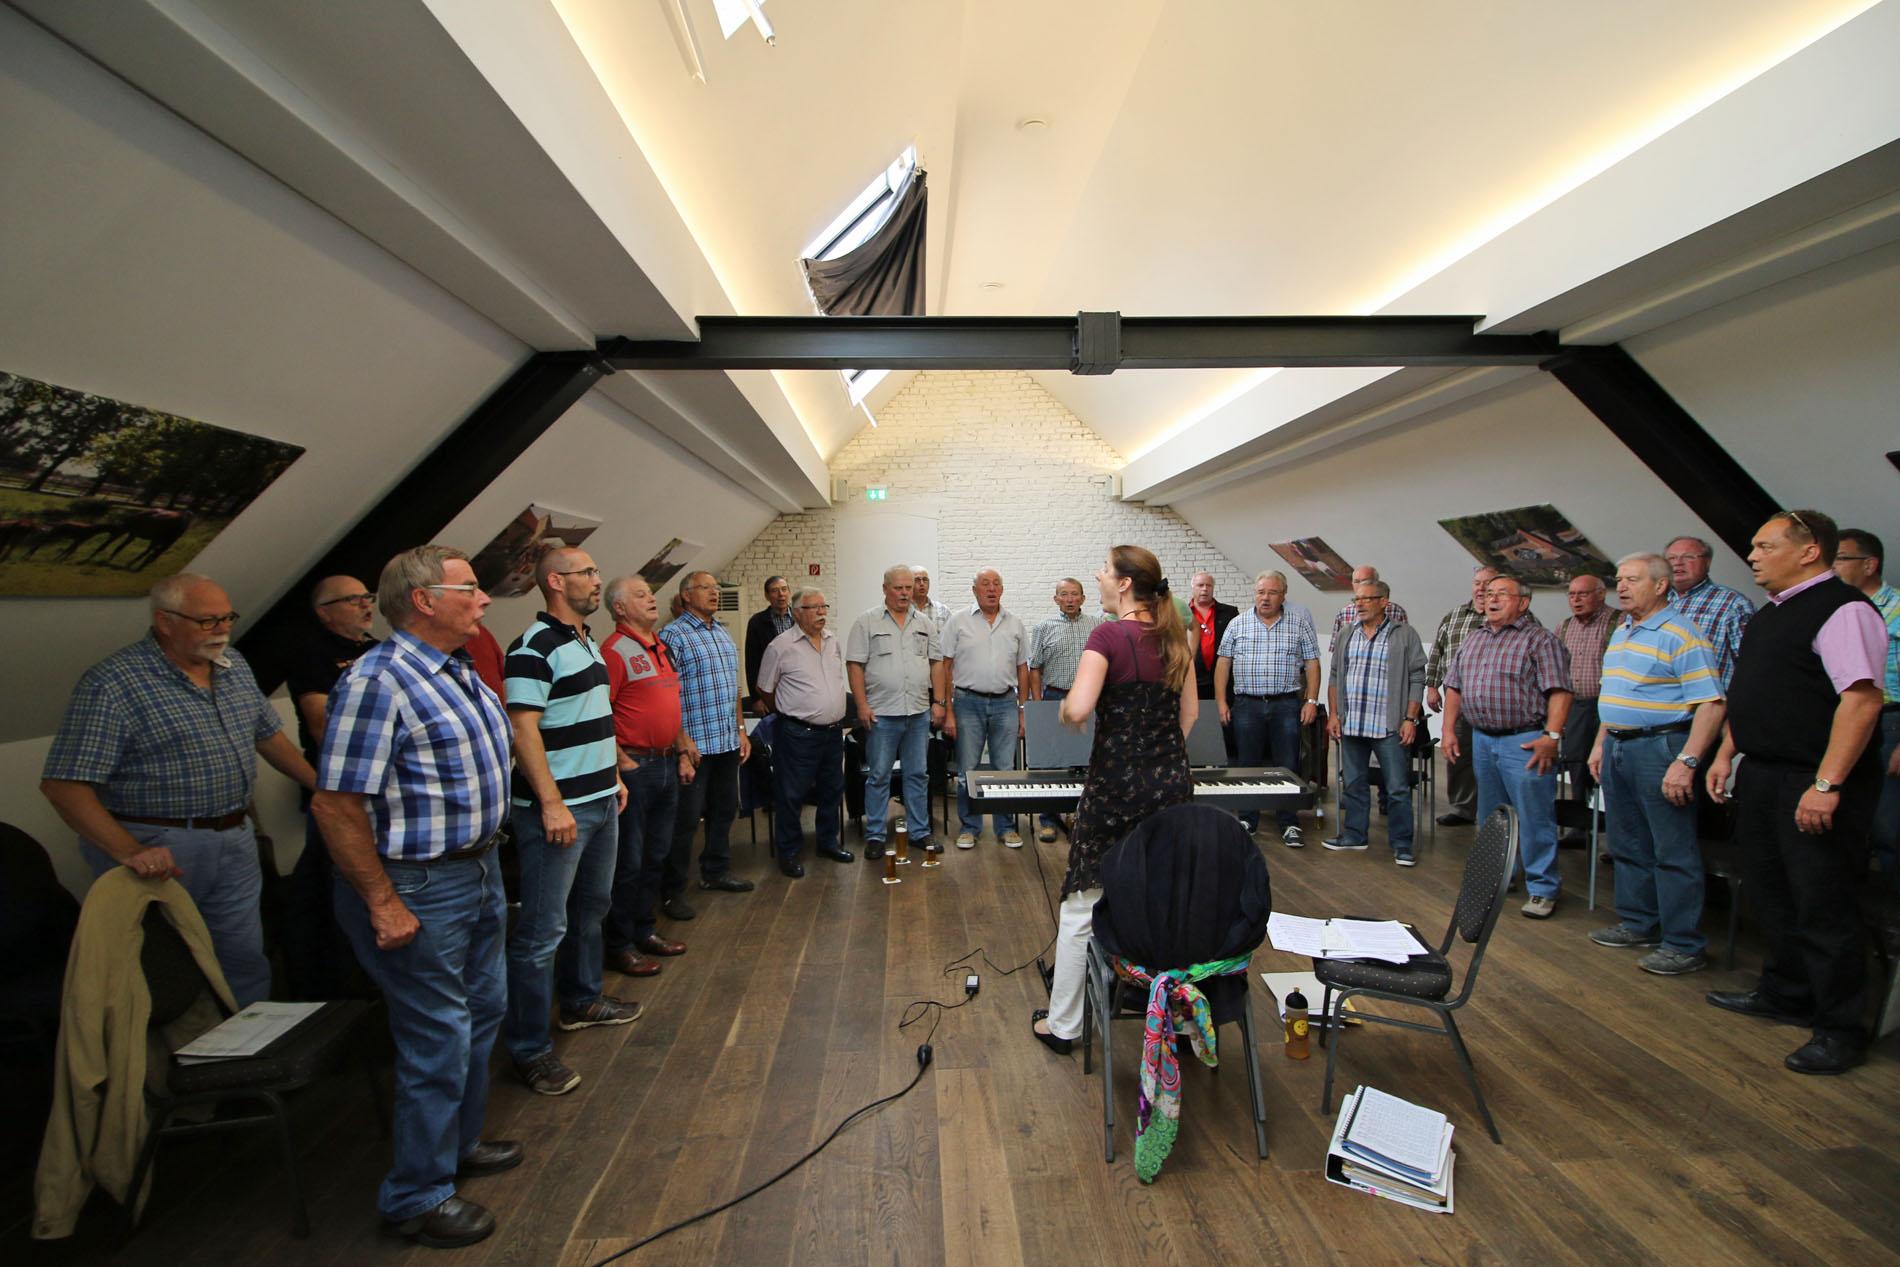 Foto des Jahres 2017 - 2.) Der MGV Quartettverein 1930 Königshoven e. V. probt mit Chorleiterin Daniela Bosenius bei der öffentlichen Chorprobe auf Gut Hohenholz nach der Sommerpause 2017. (Foto: Bastian Schlößer)